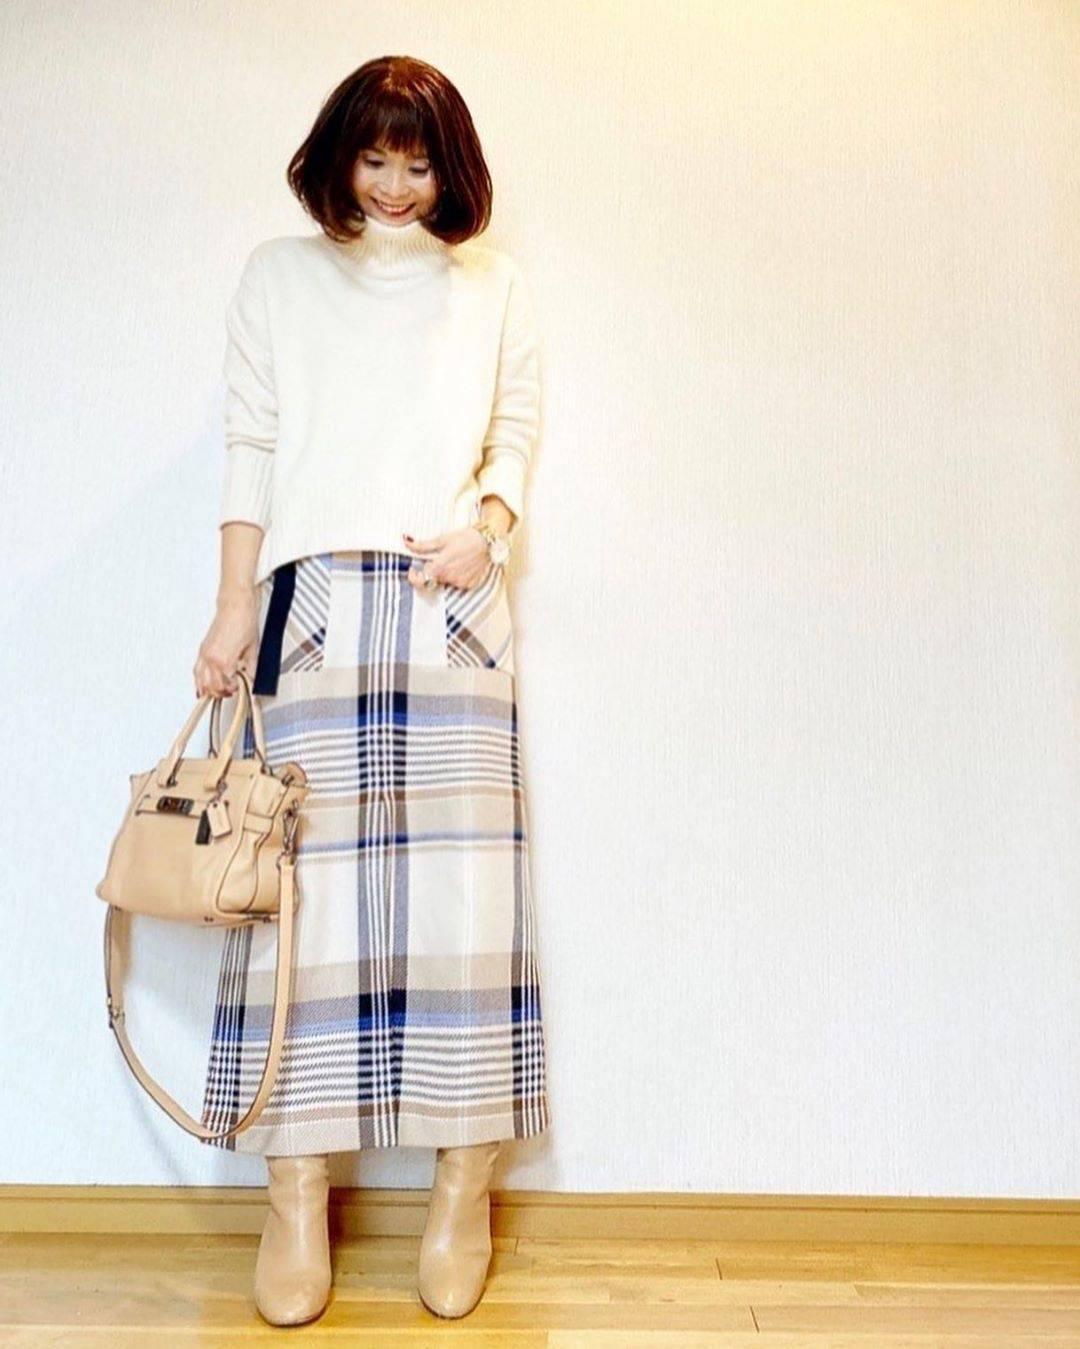 最高気温16度・最低気温6度 acmee.chiyoの服装